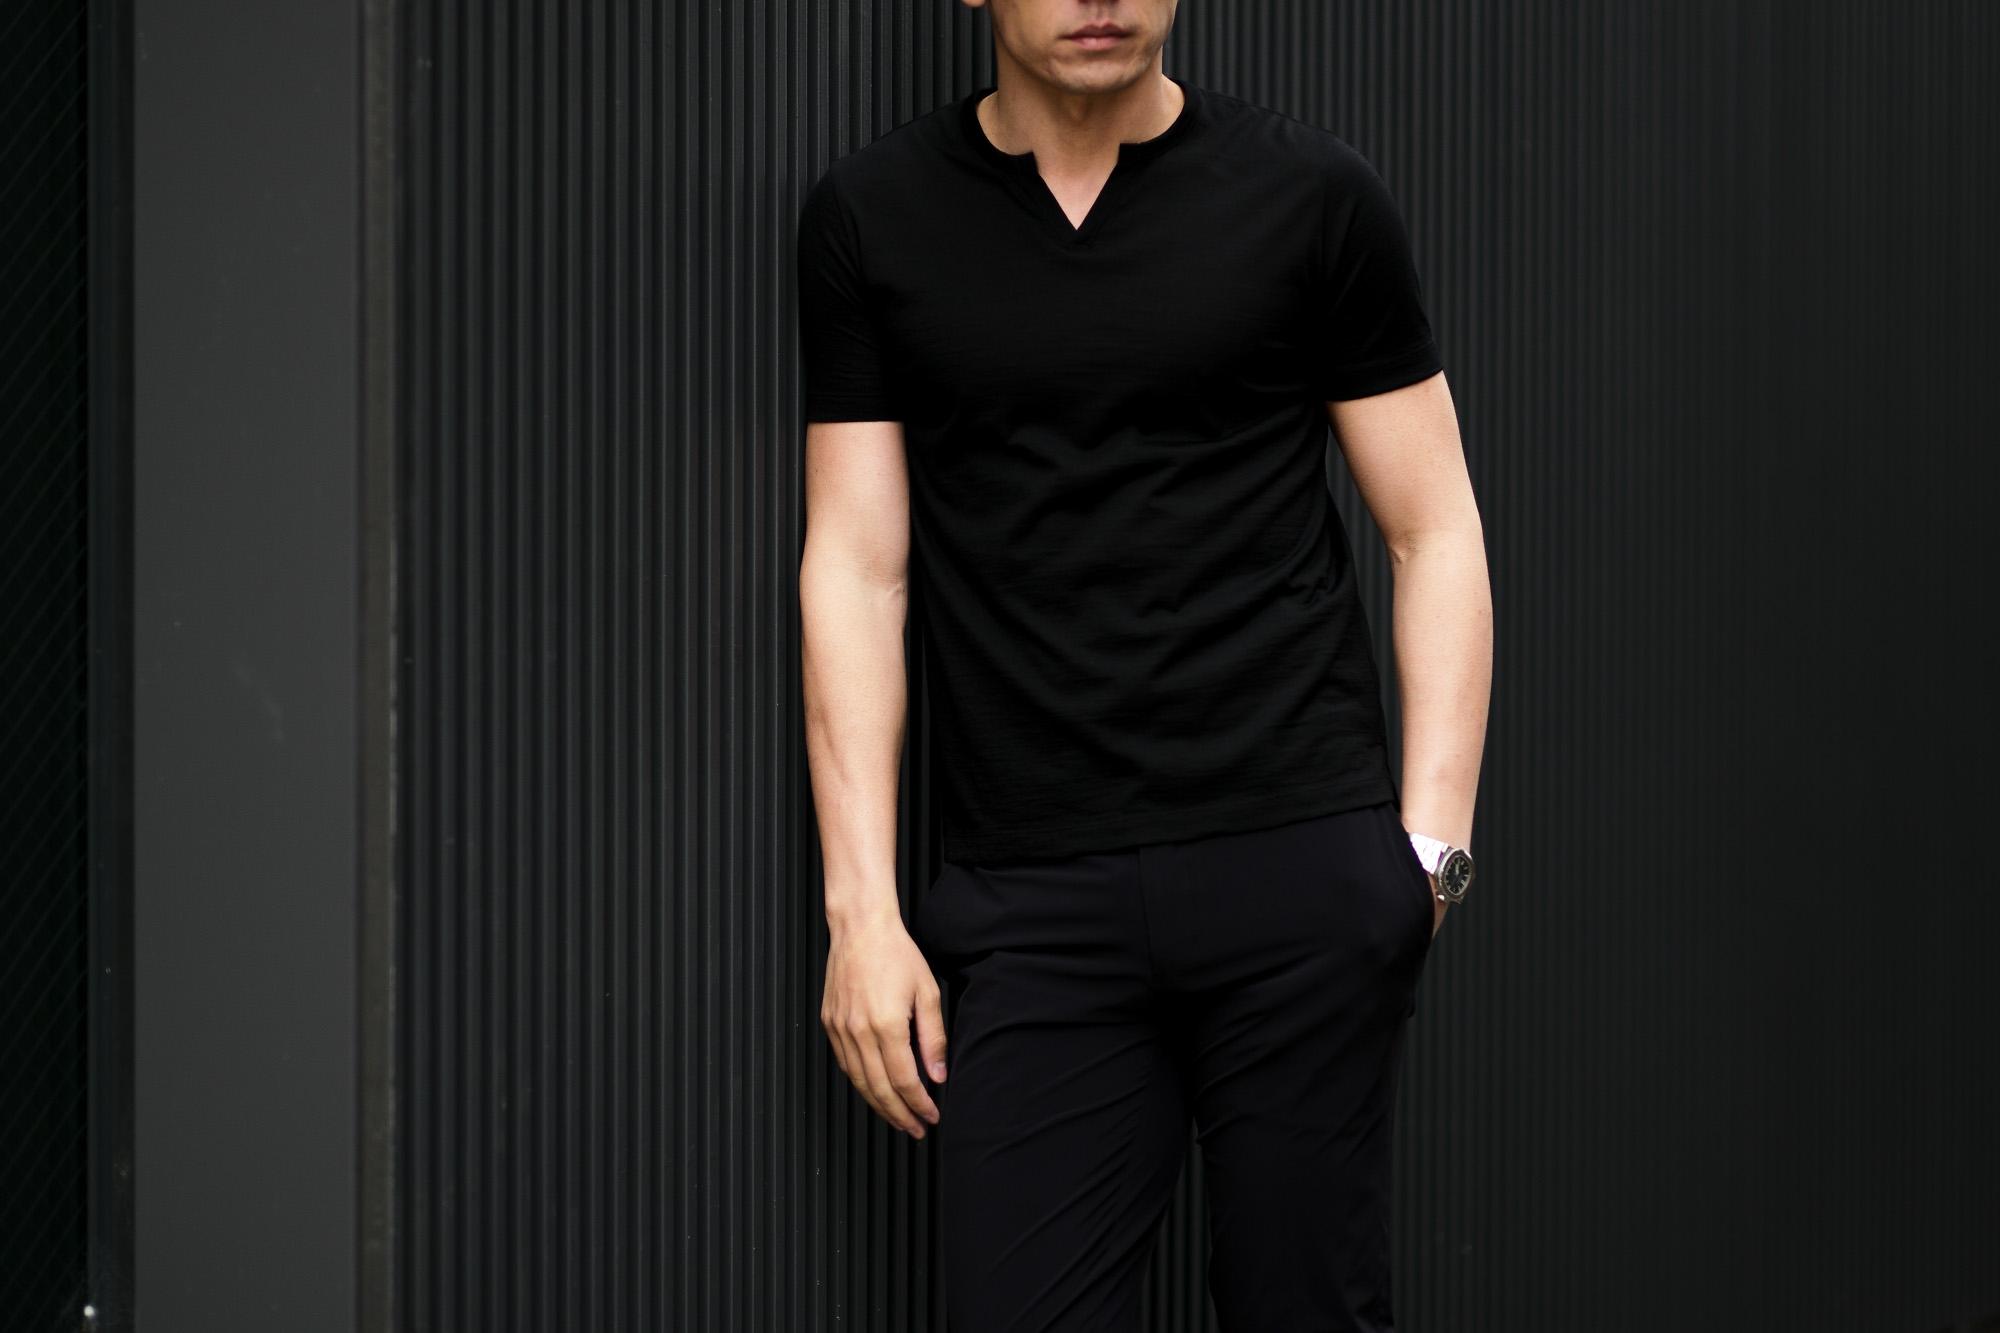 nomiamo (ノミアモ) Key Neck T-shirt 60/1 Super 100's Wool ウォッシャブルウール キーネックTシャツ BLACK (ブラック) 2021 春夏 【Alto e Diritto別注】【Special限定モデル】愛知 名古屋 Altoediritto アルトエデリット カットソー 半袖Tシャツ